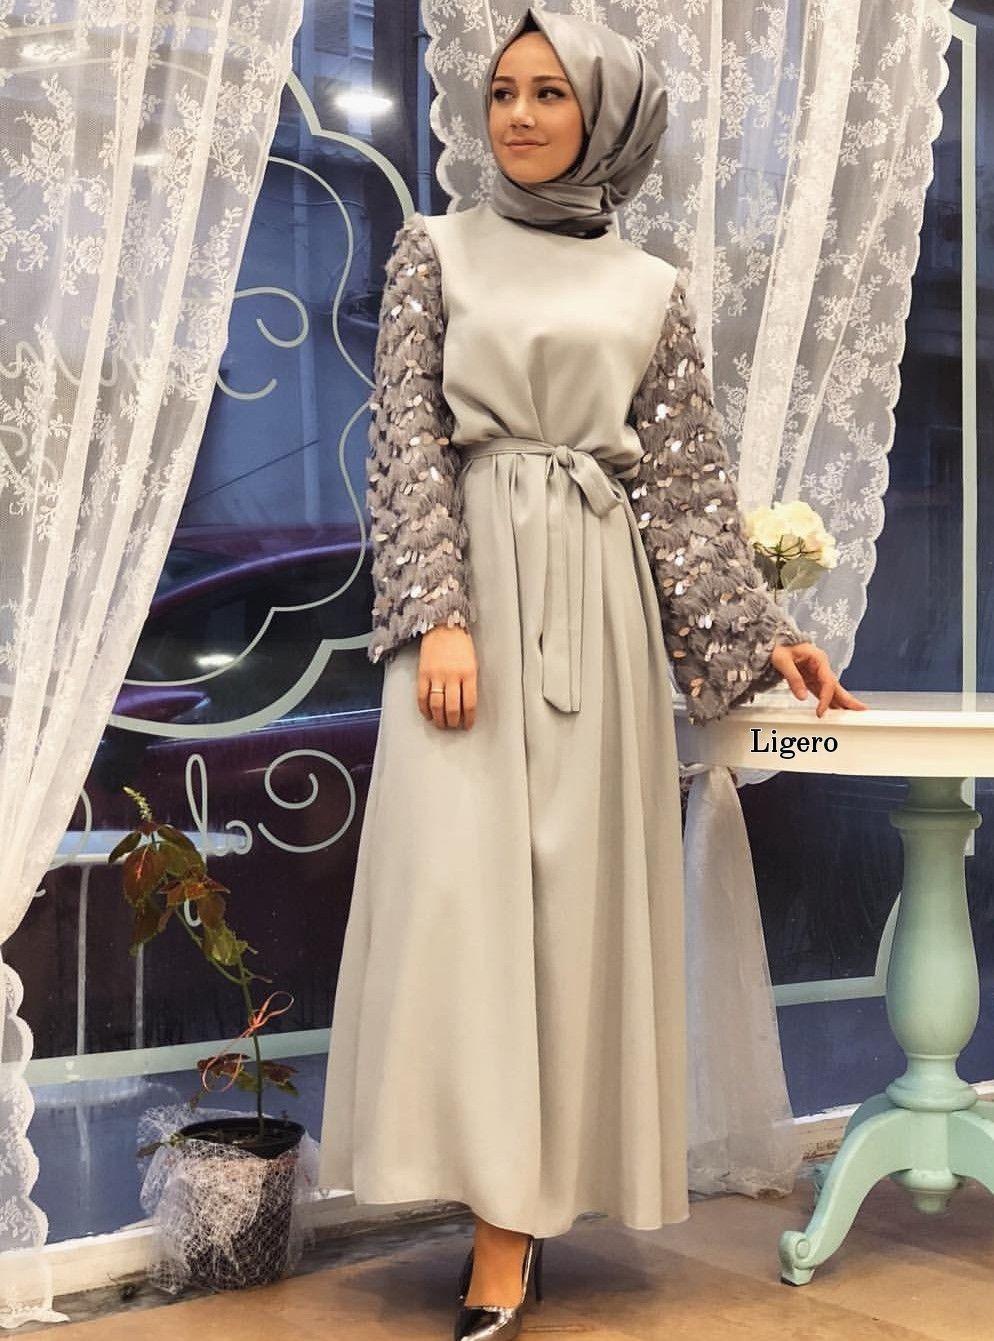 c83a565c0e224 Abiye Tesettür   Abiye Tesettür in 2019   Elbise modelleri, Tarz ...